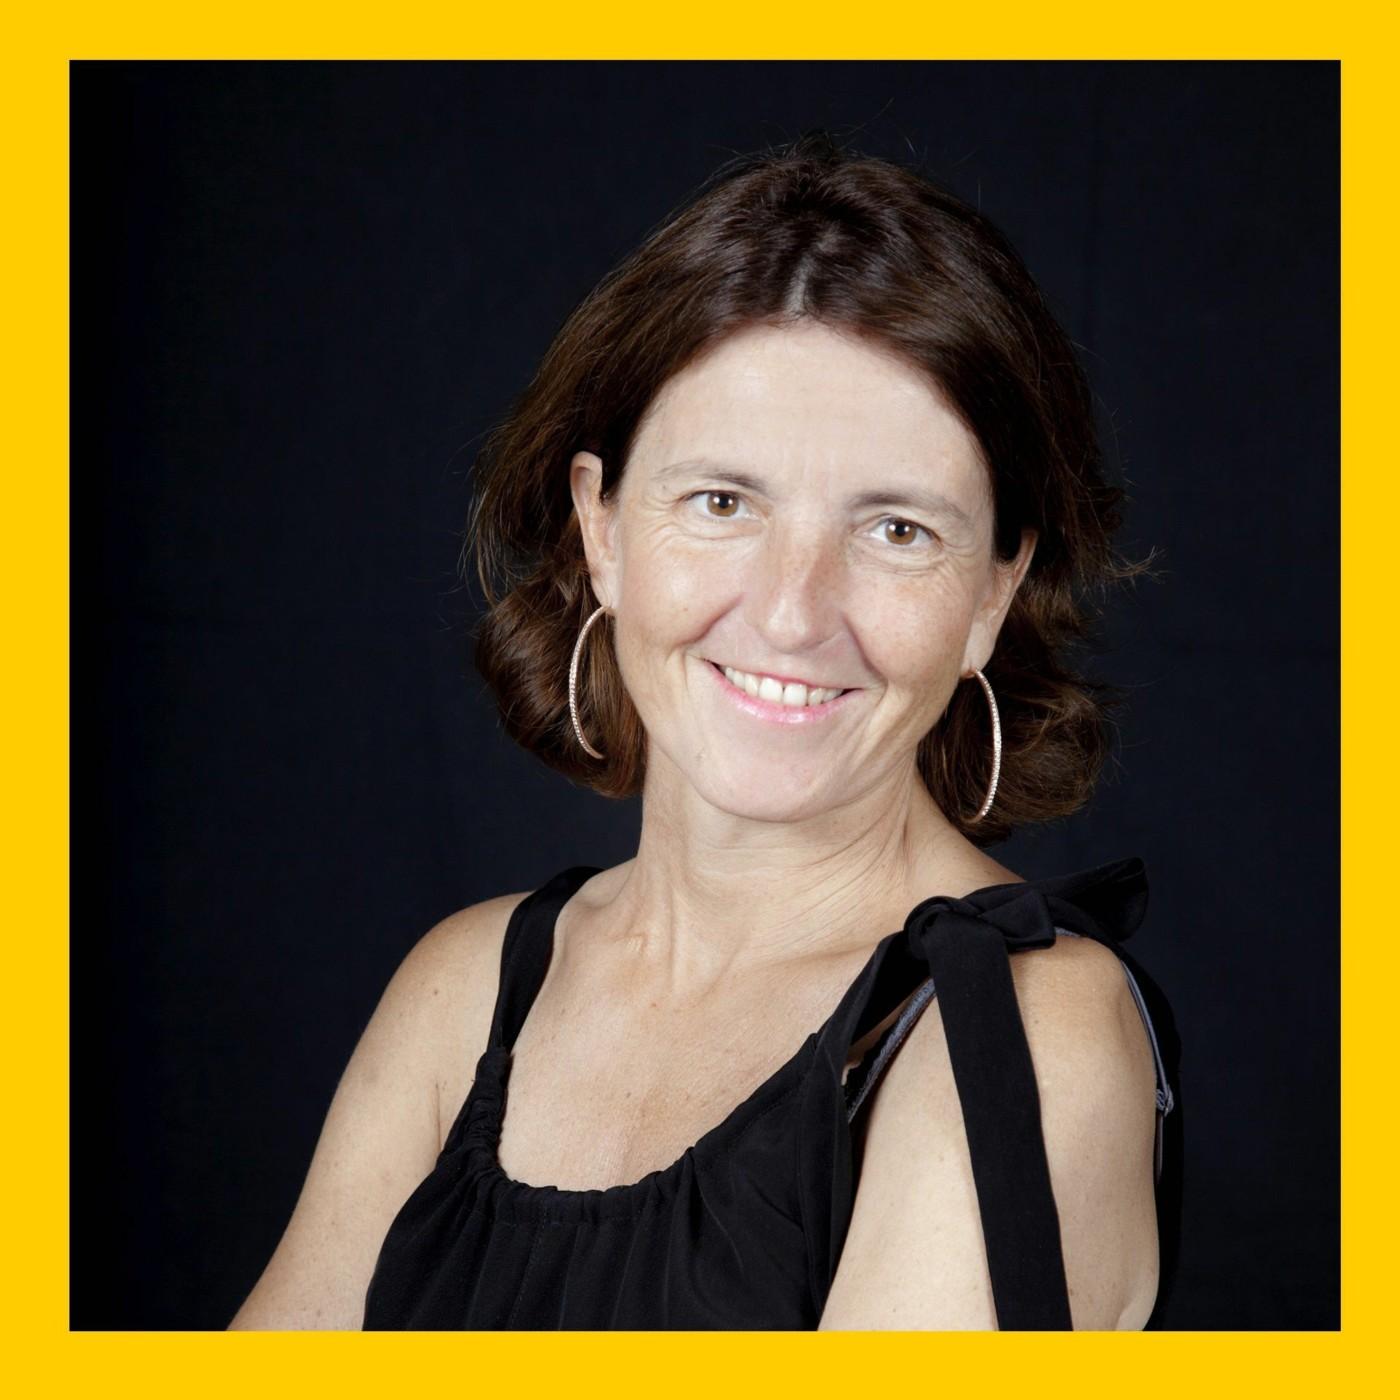 06 Claire Lanneau - Babychou Services - La relation de confiance est le socle du réseau